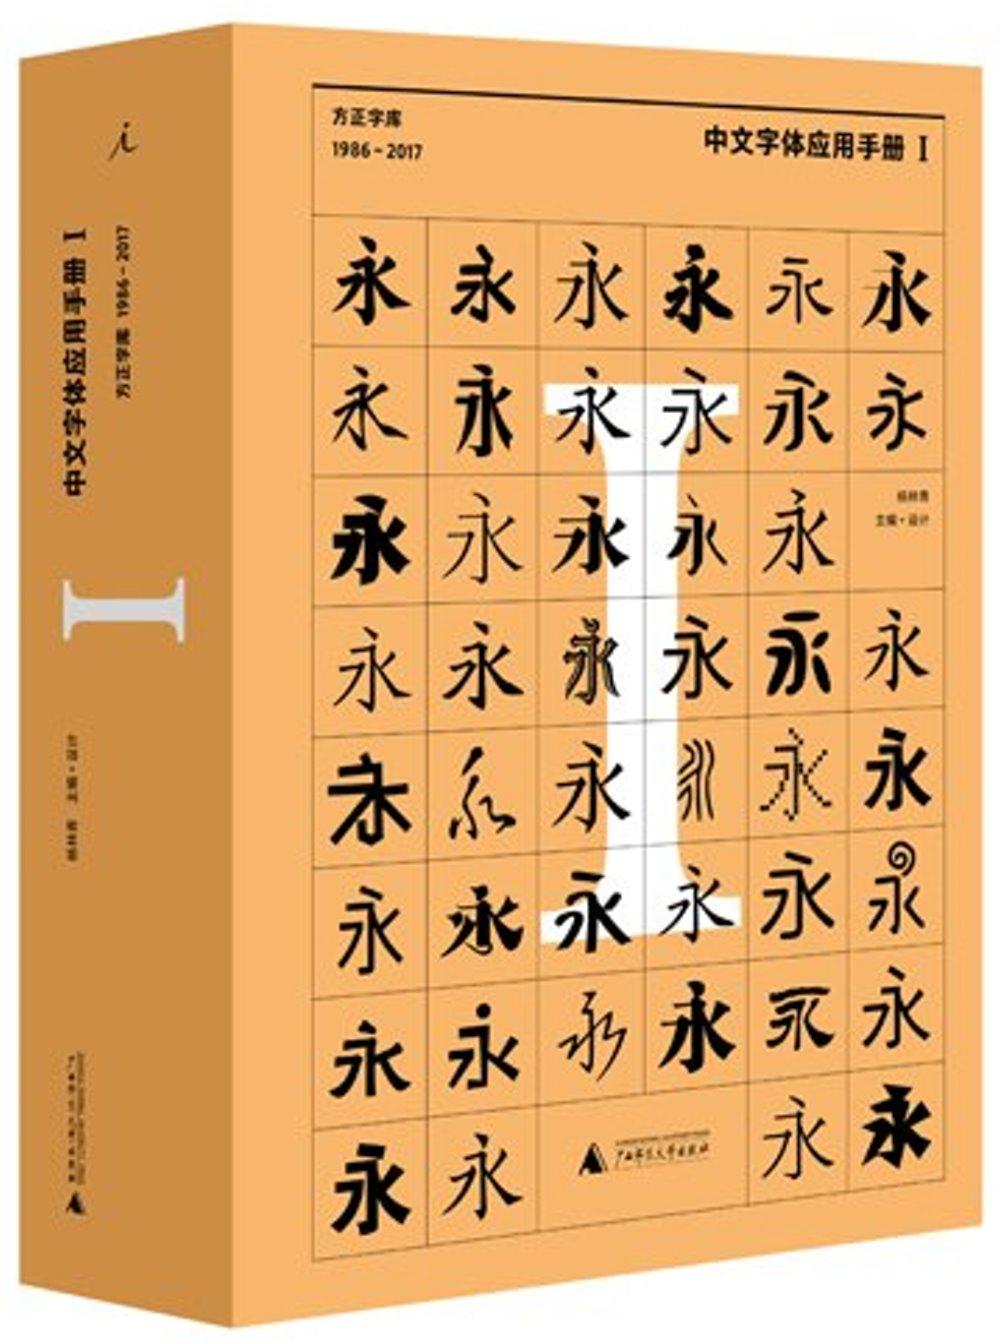 中文字體應用手冊1:方正字庫(1986-2017)